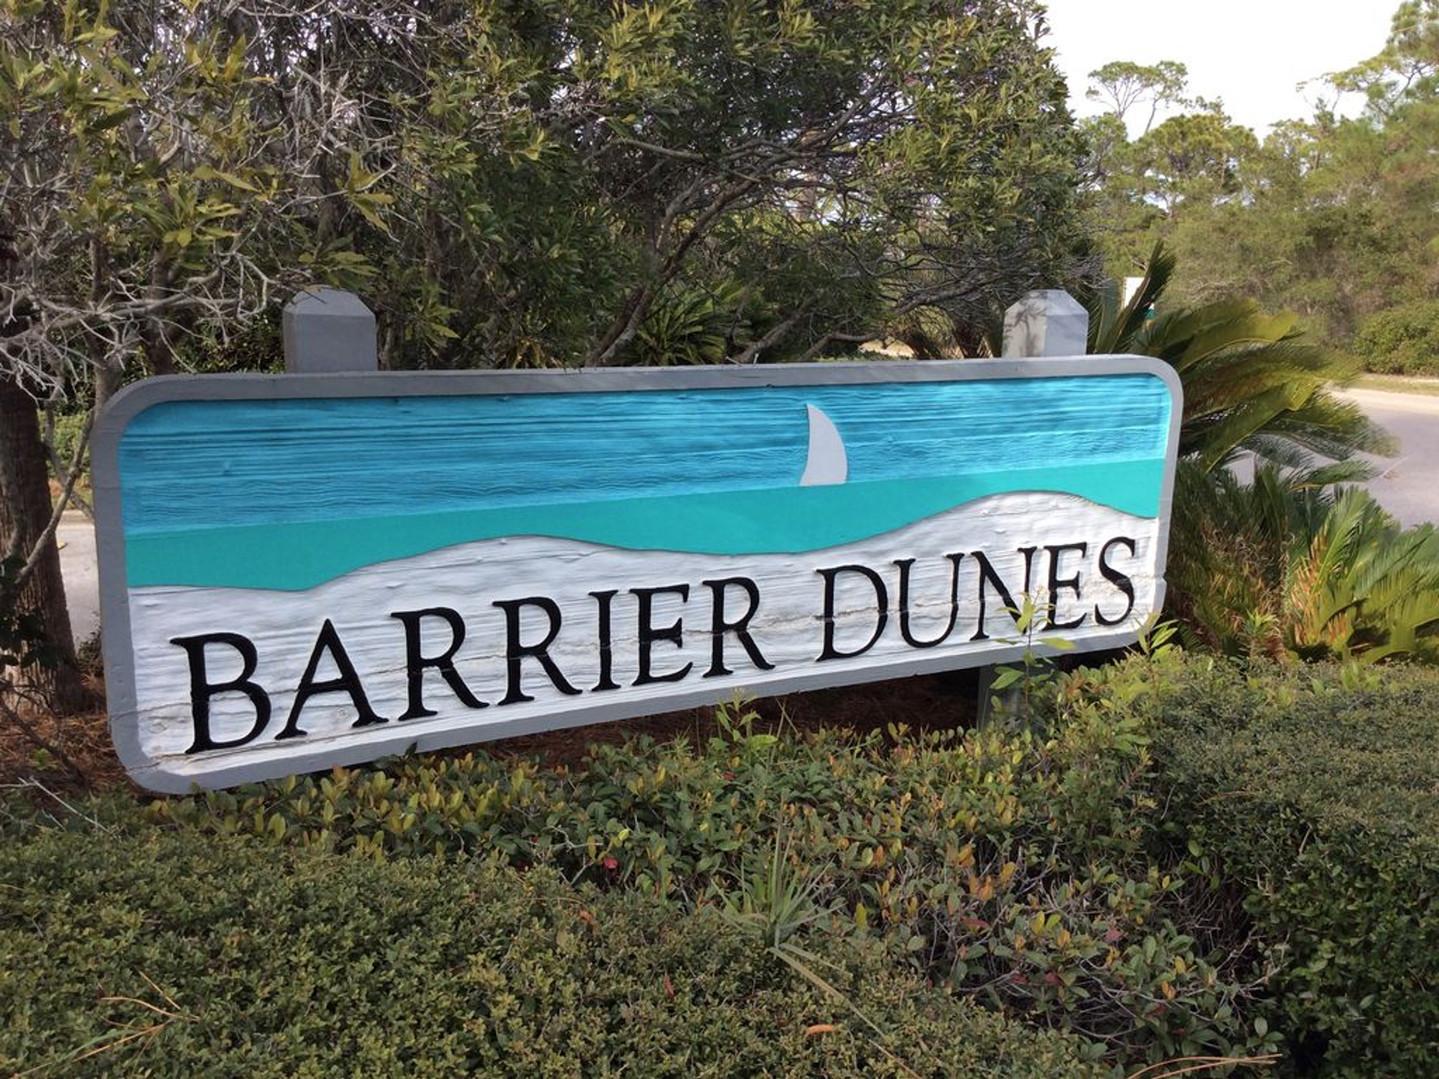 Barrier Dunes entrance